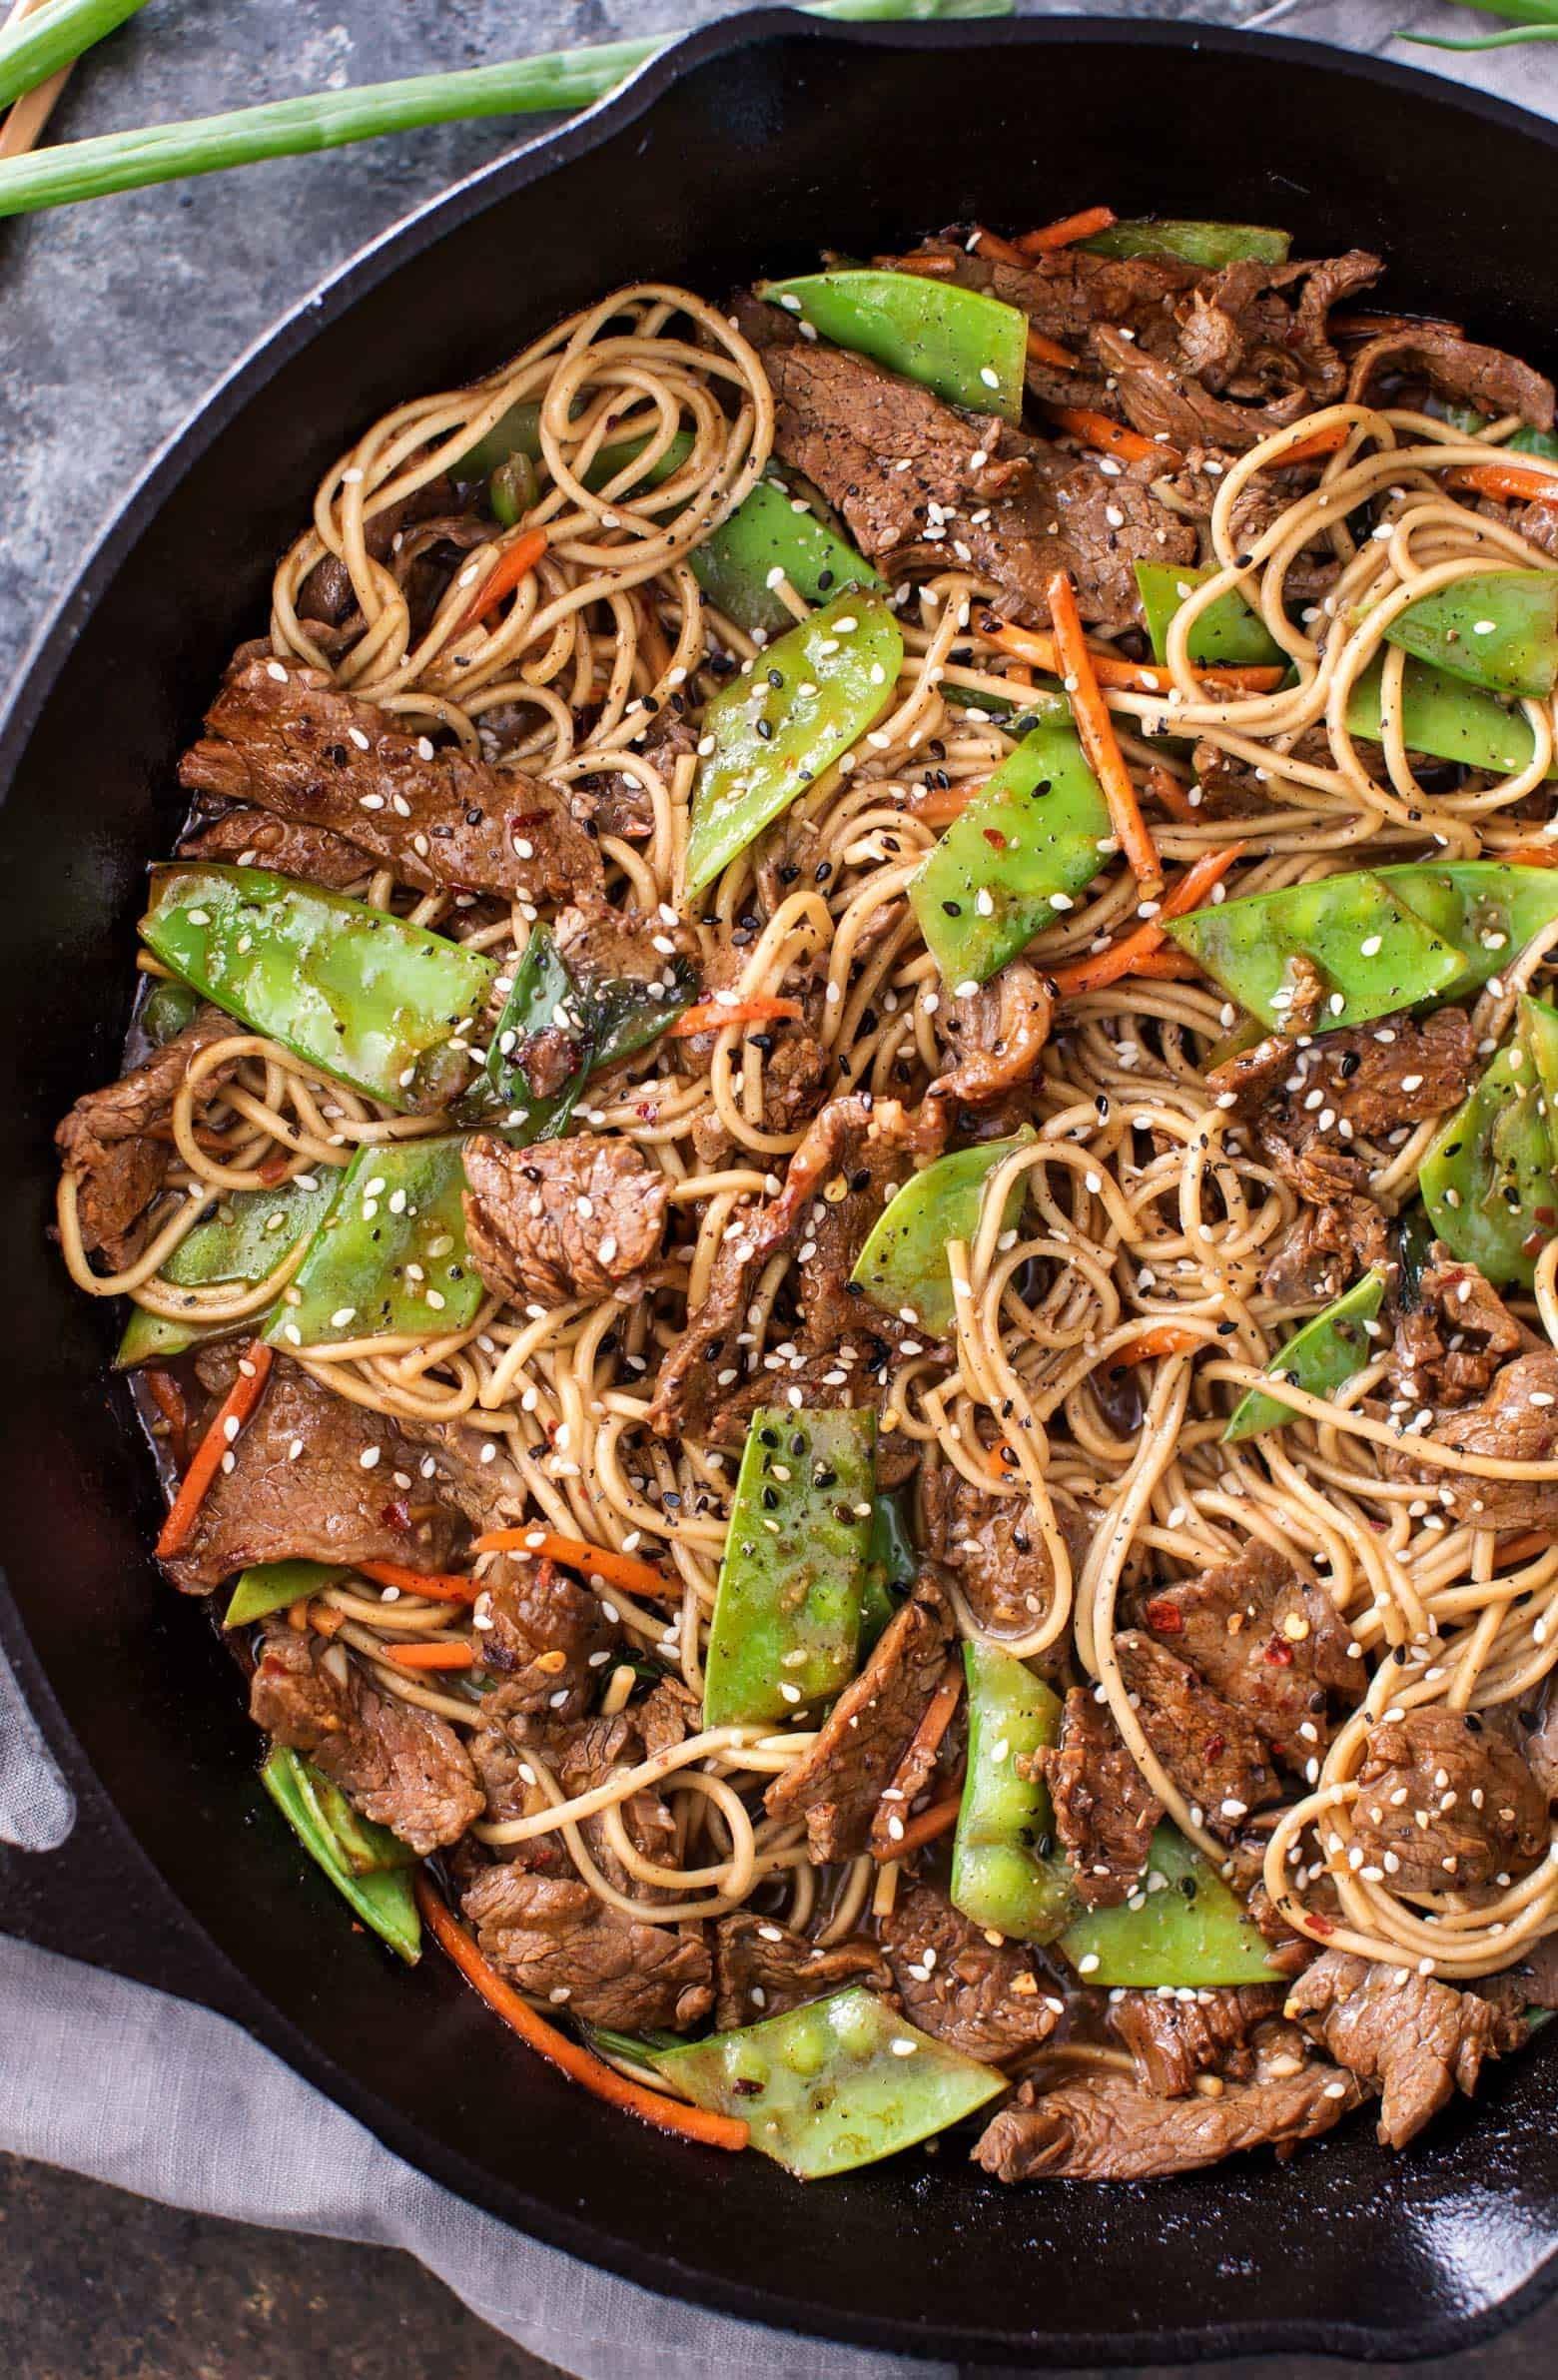 أطباق رئيسية للتحضير في نصف ساعة - طريقة عمل النودلز مع اللحم المقلي والبازلاء